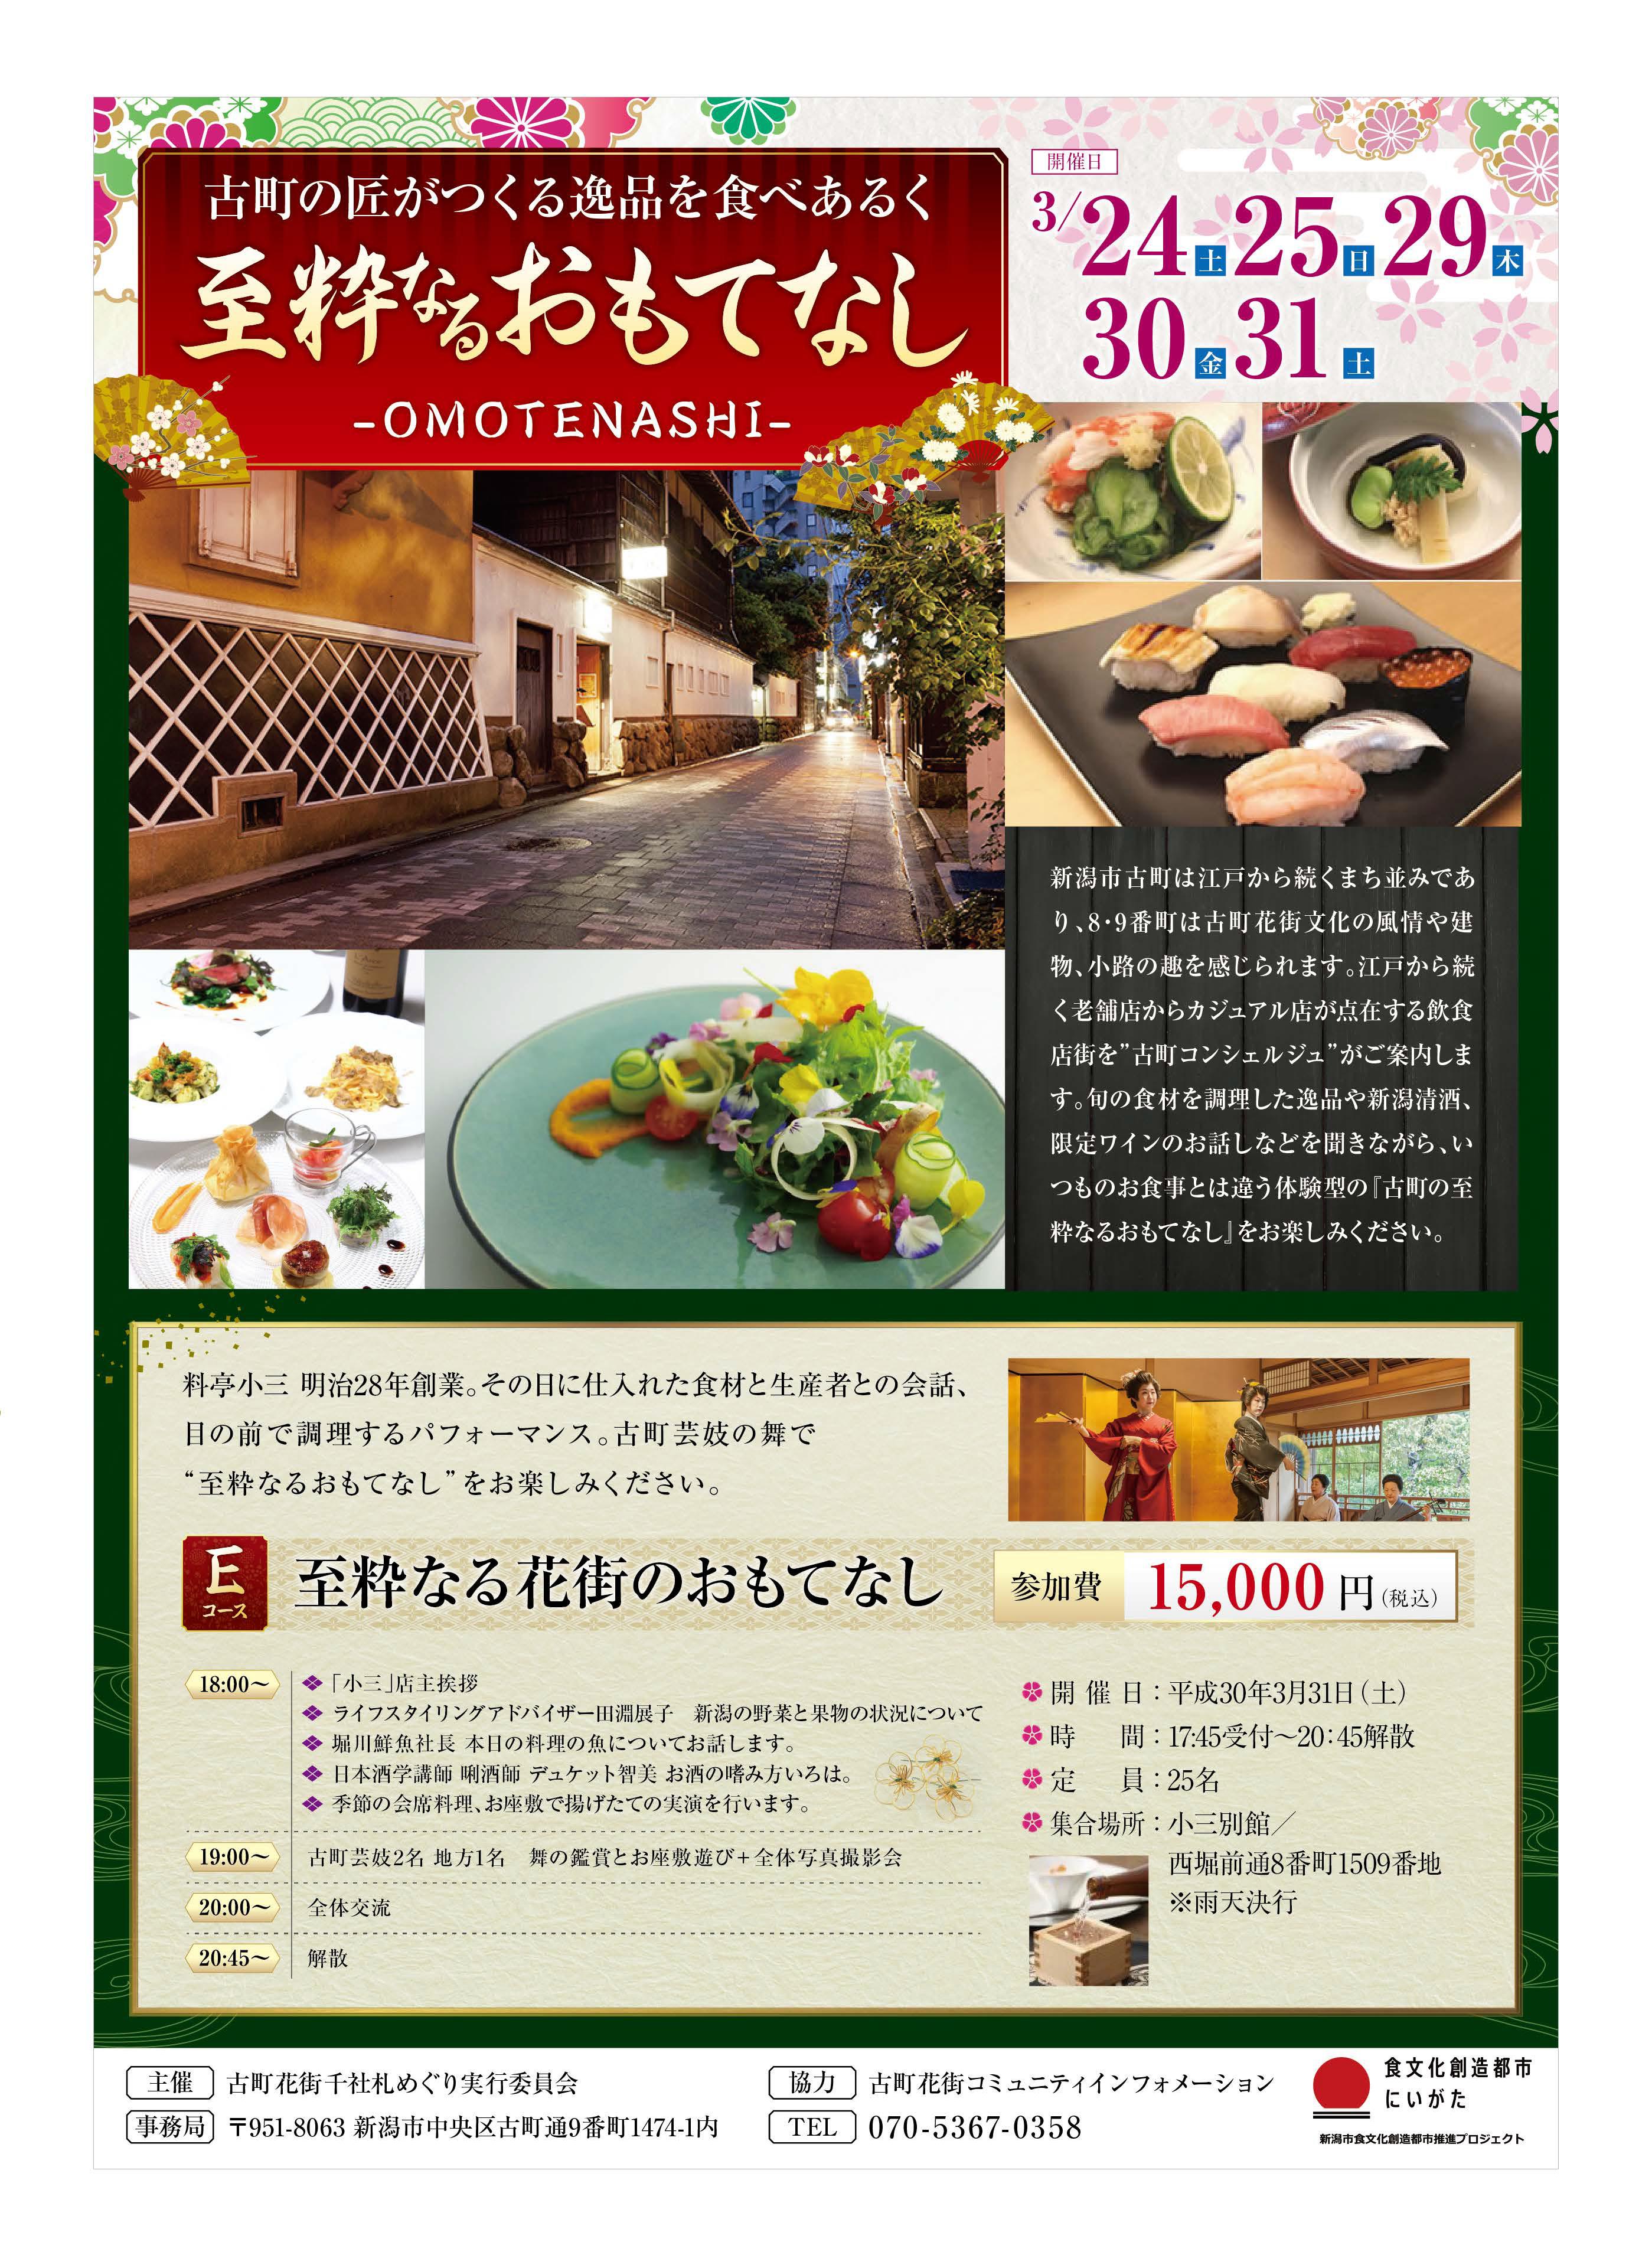 20180324_omotenashi_1